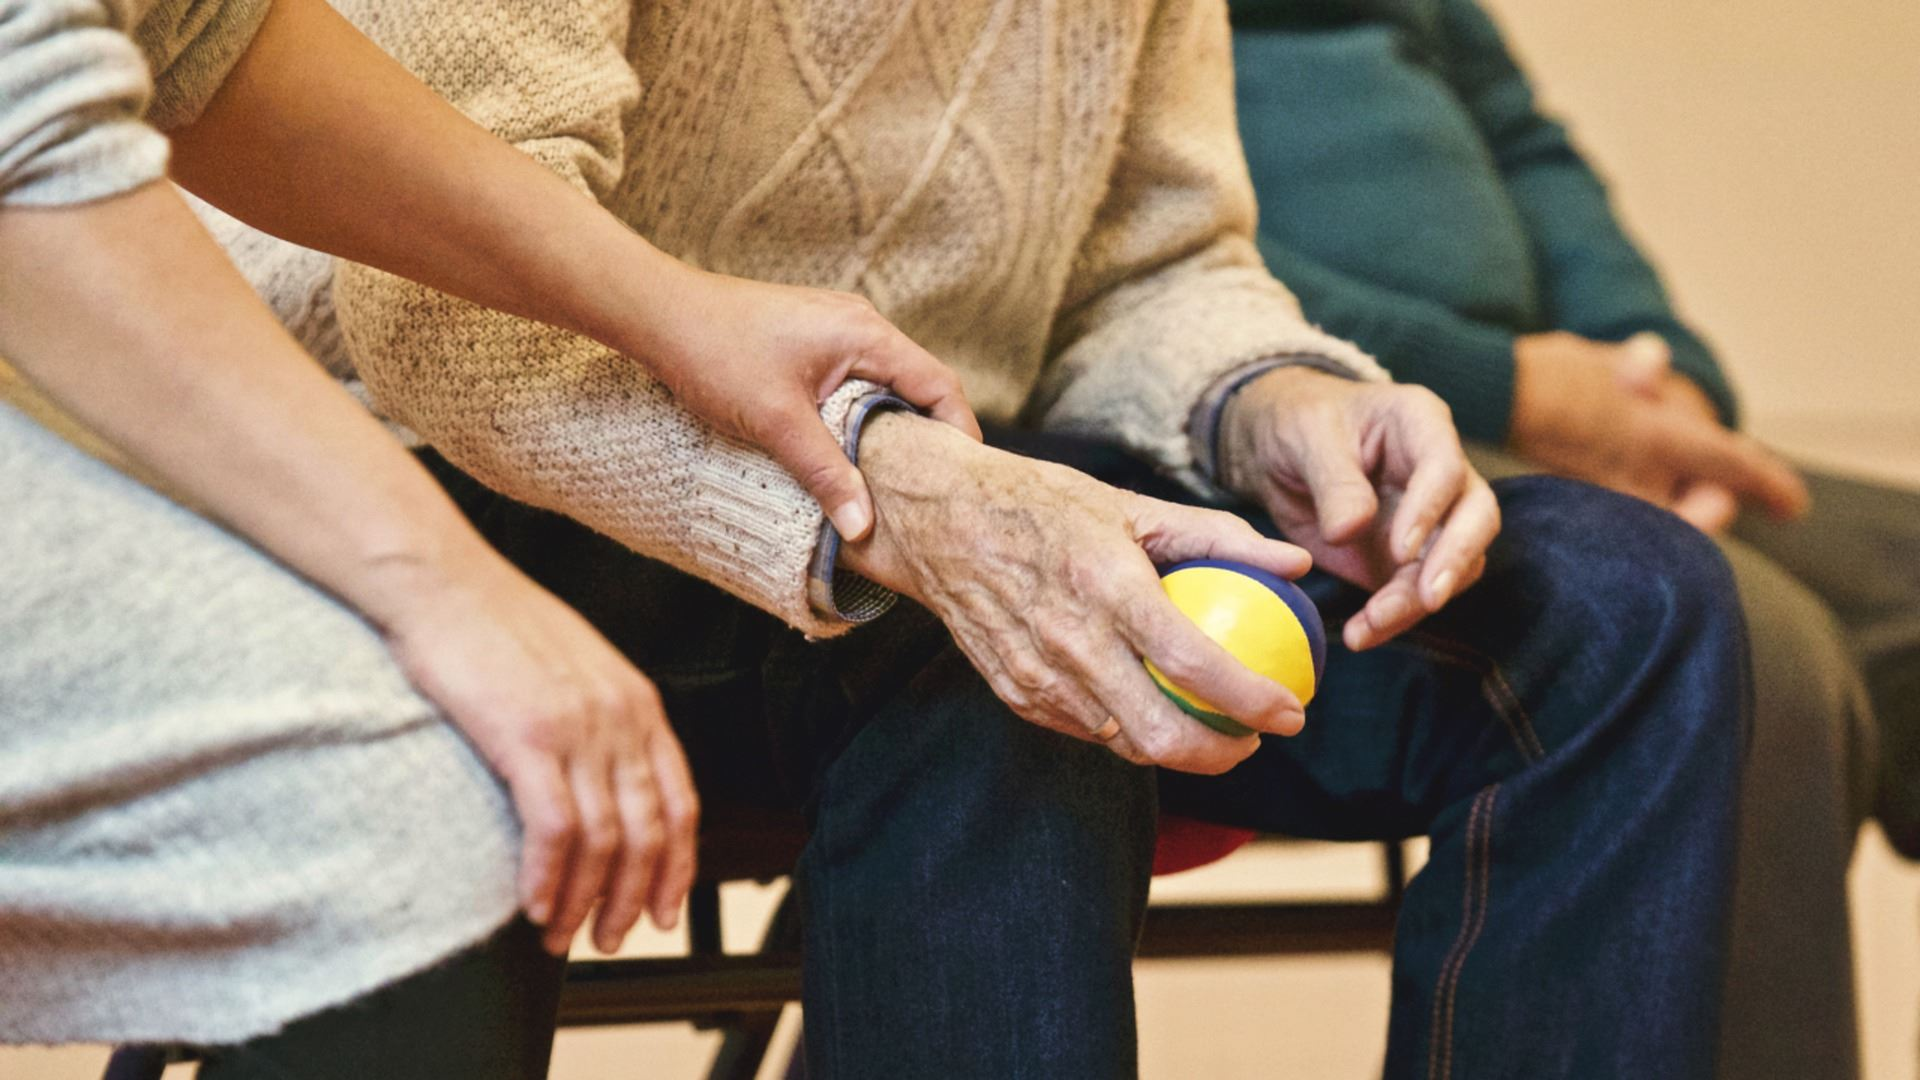 ריפוי בעיסוק פרטי בפתח תקווה - Restart Therapy מומחים בריפוי בעיסוק באופן פרטי